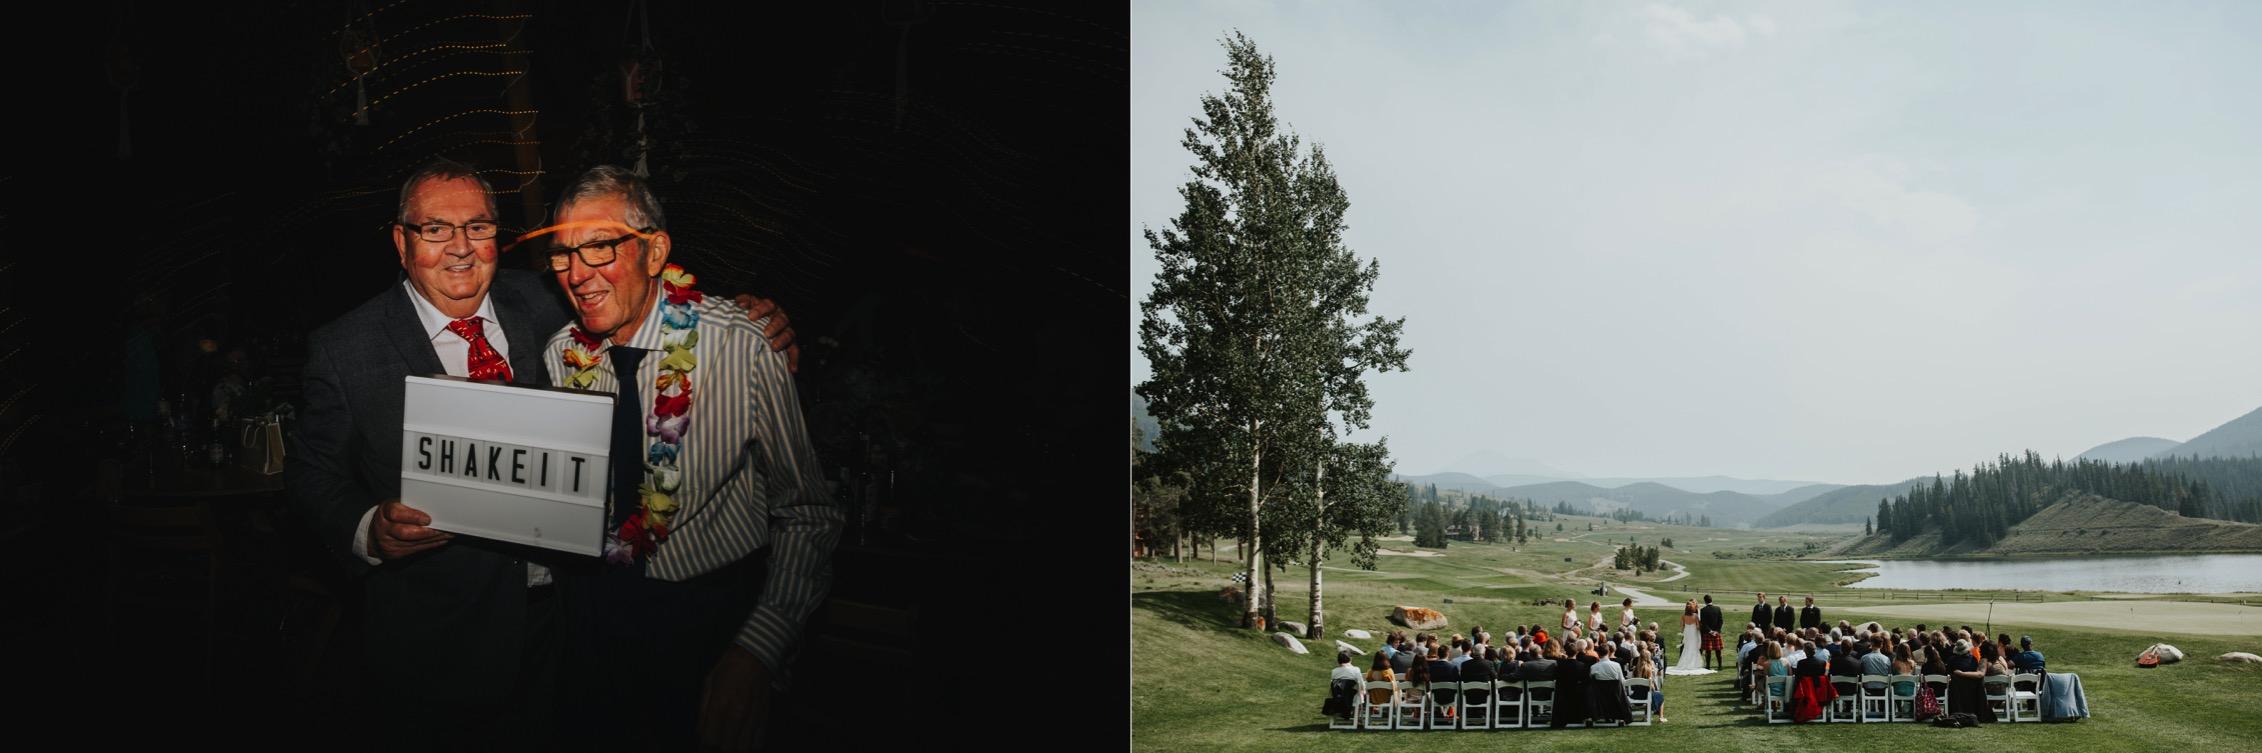 2017 wedding 2017 0065.jpg